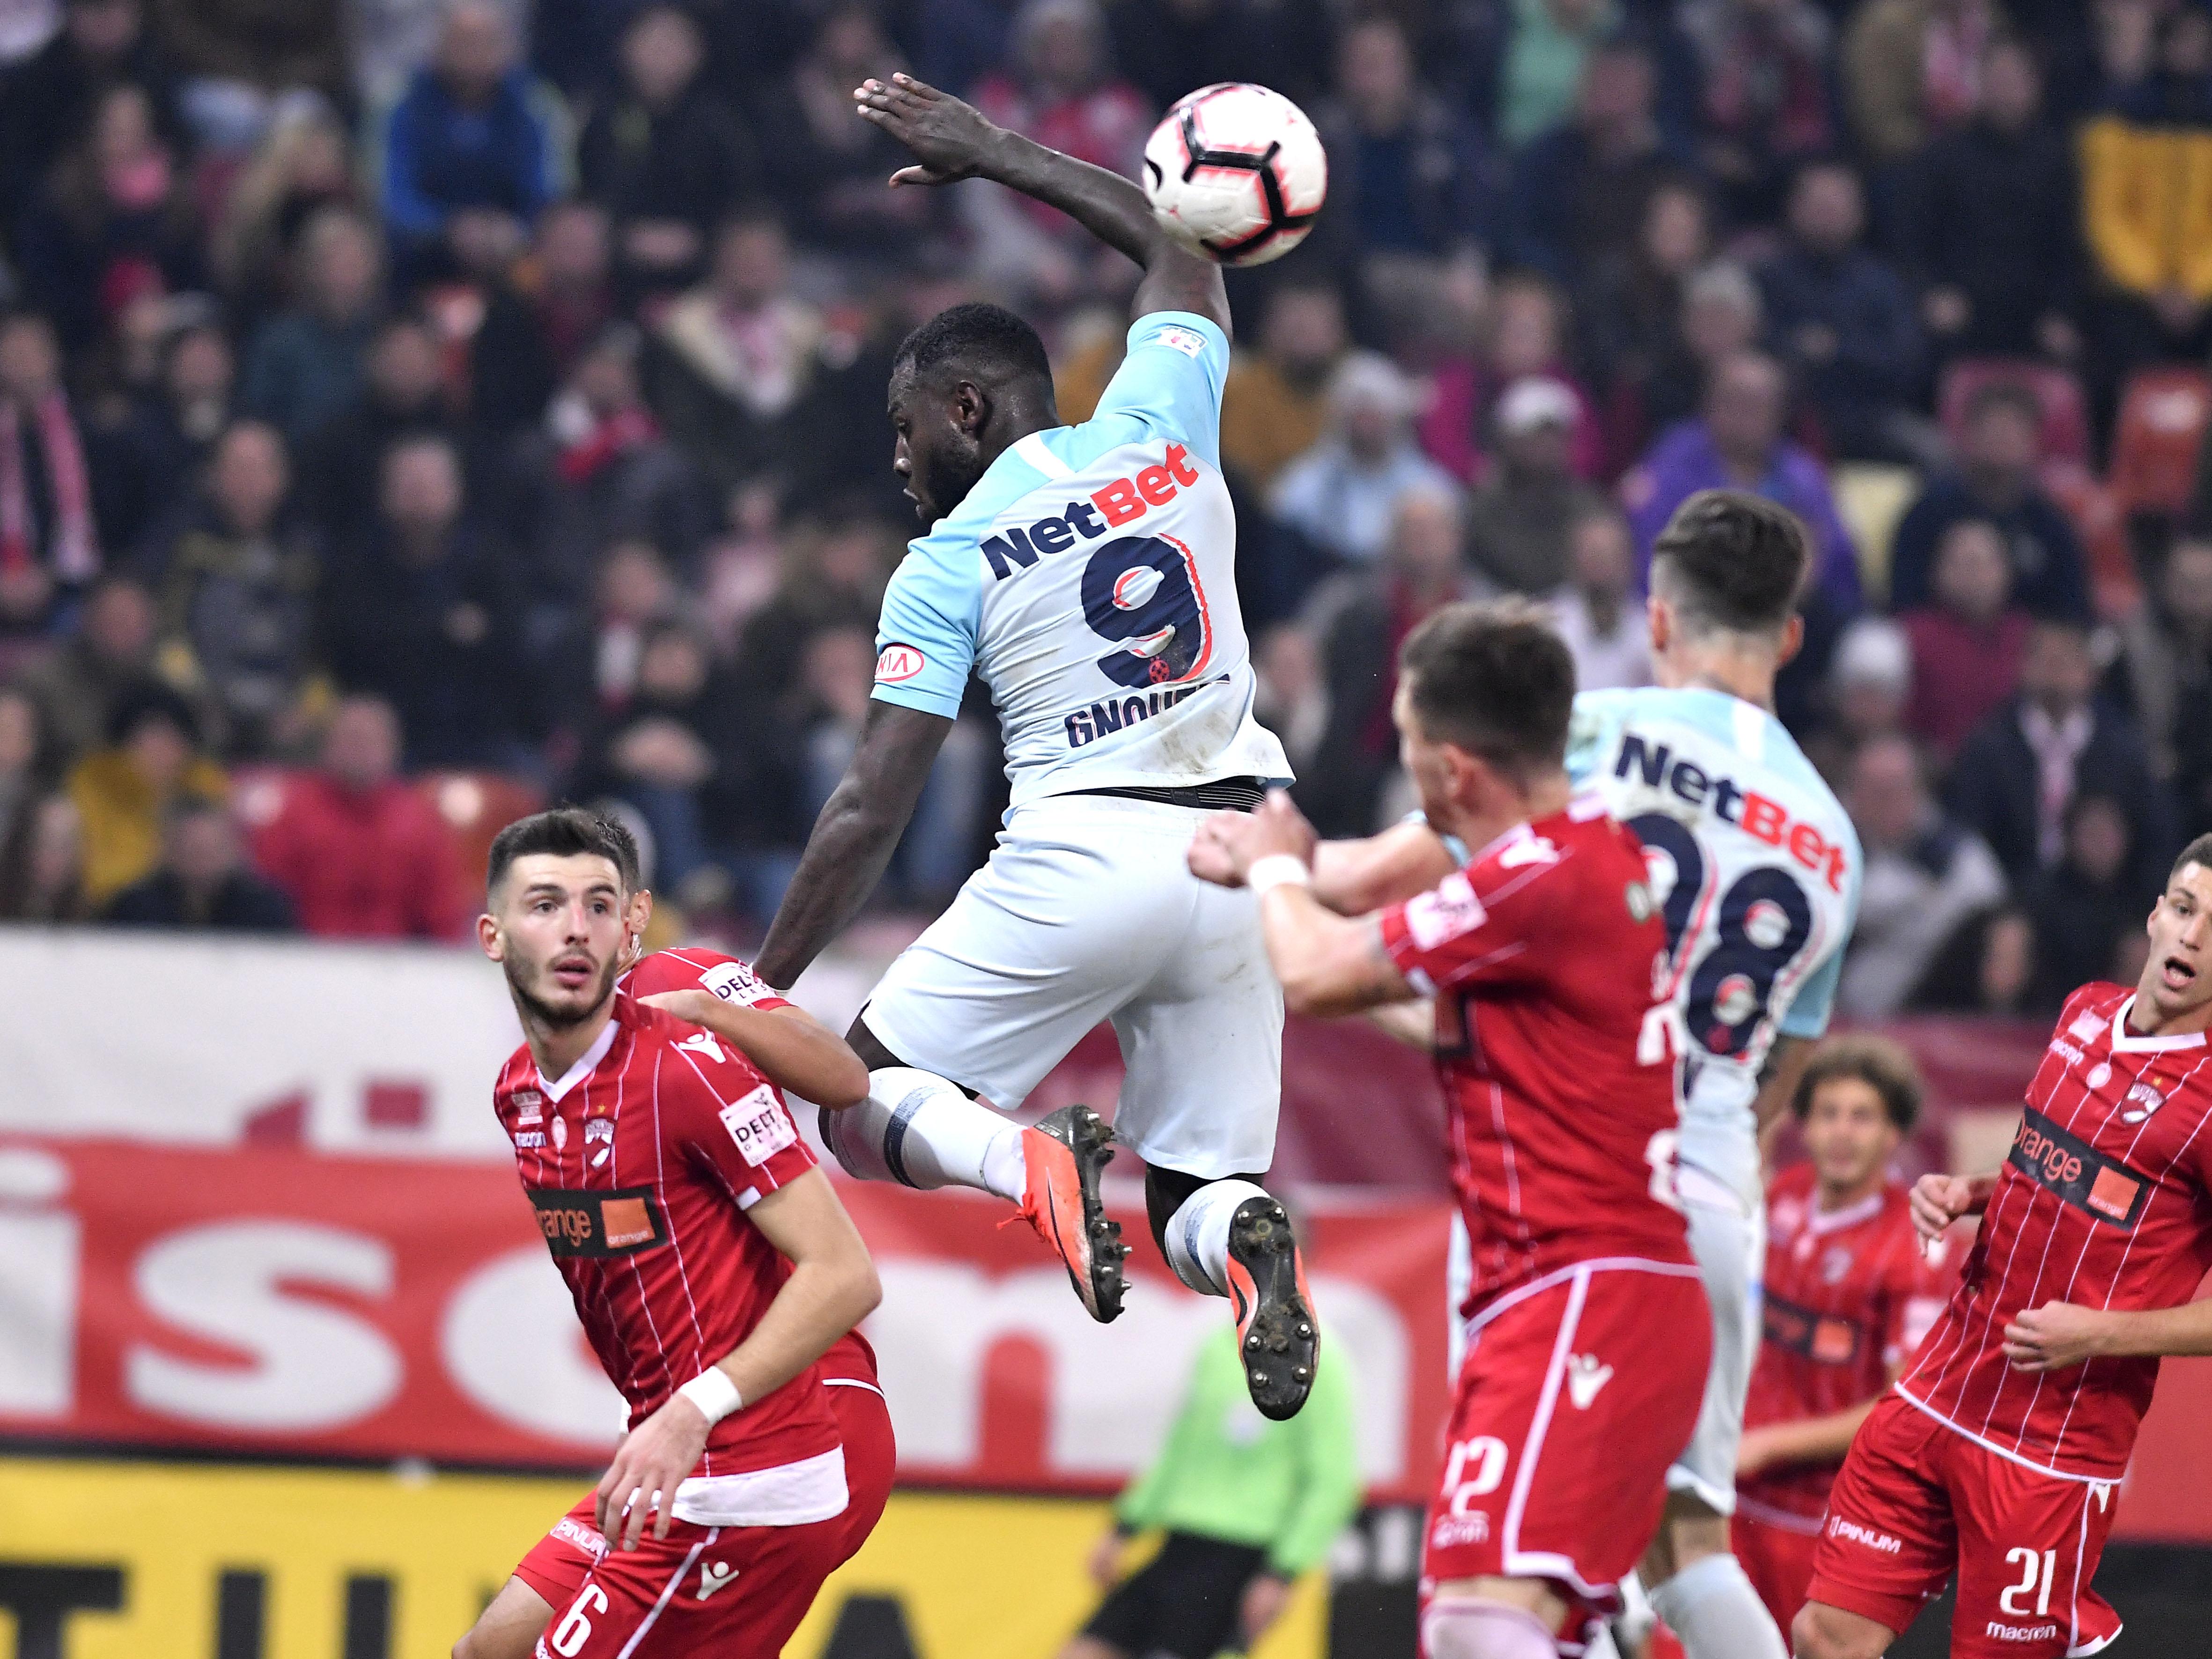 Start în Liga 1! Tot ce trebuie să știi despre noul sezon. CFR Cluj, FCSB și U Craiova se bat la titlu Schimbări spectaculoase la TV